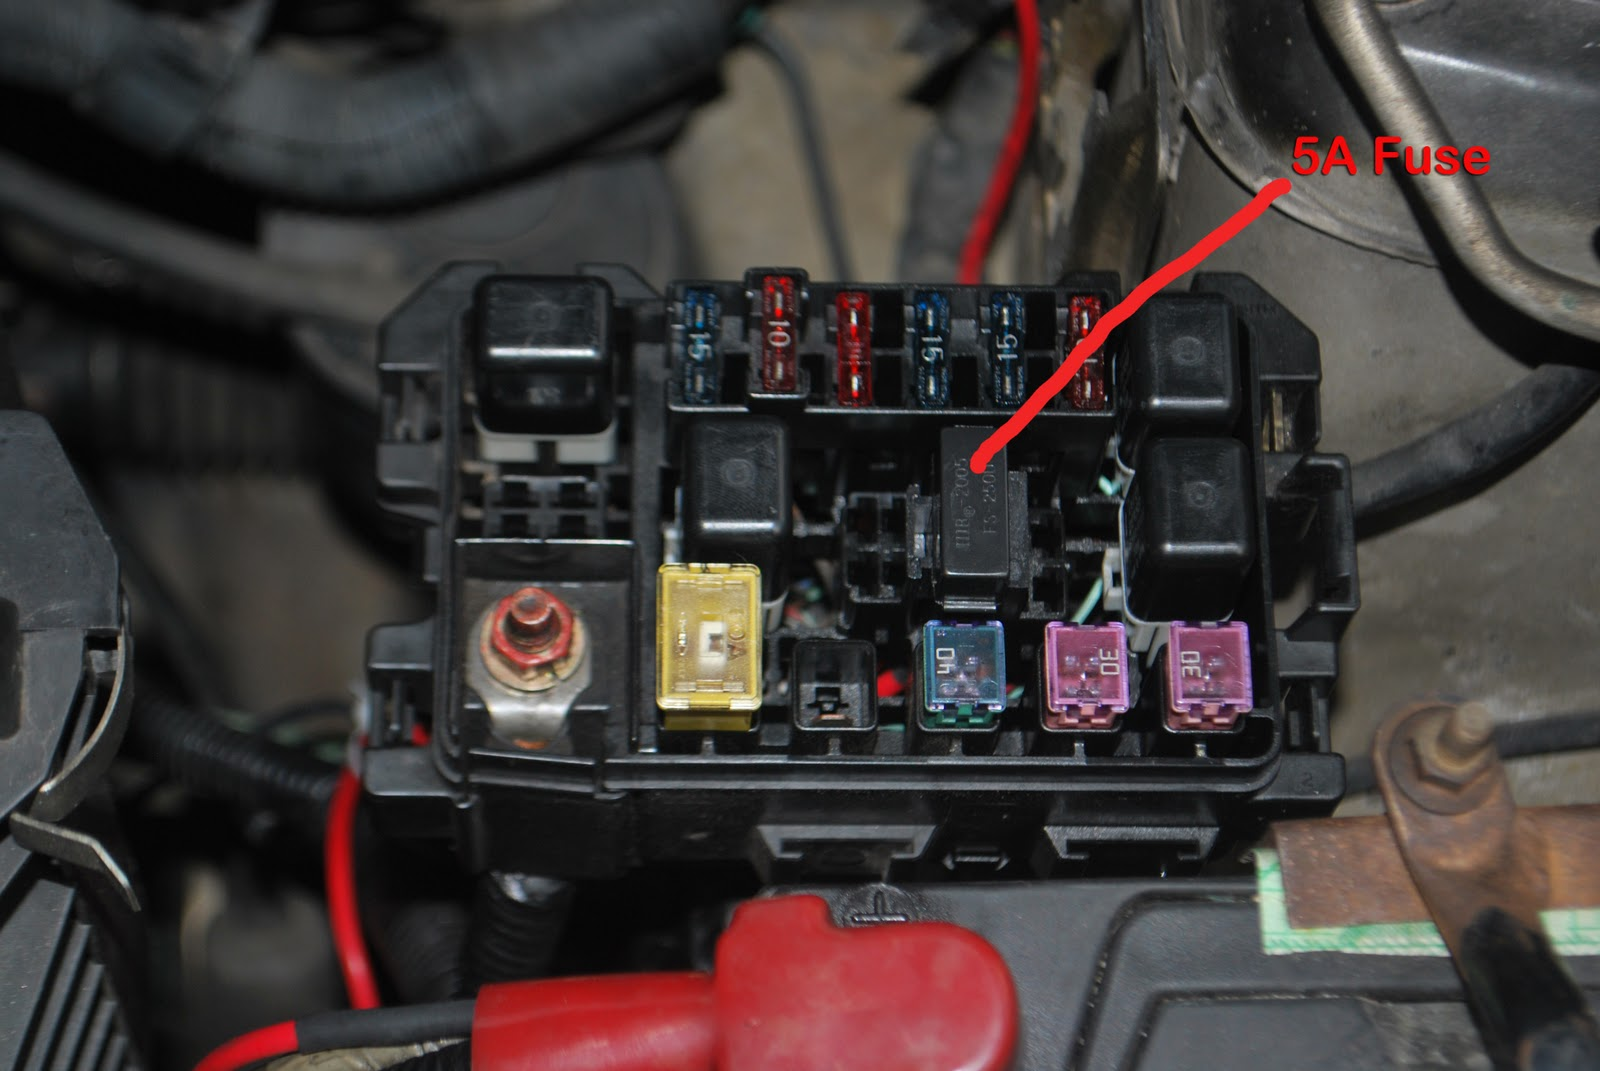 33,640 uF Car Voltage Stabilizer Plus Fake Pivot